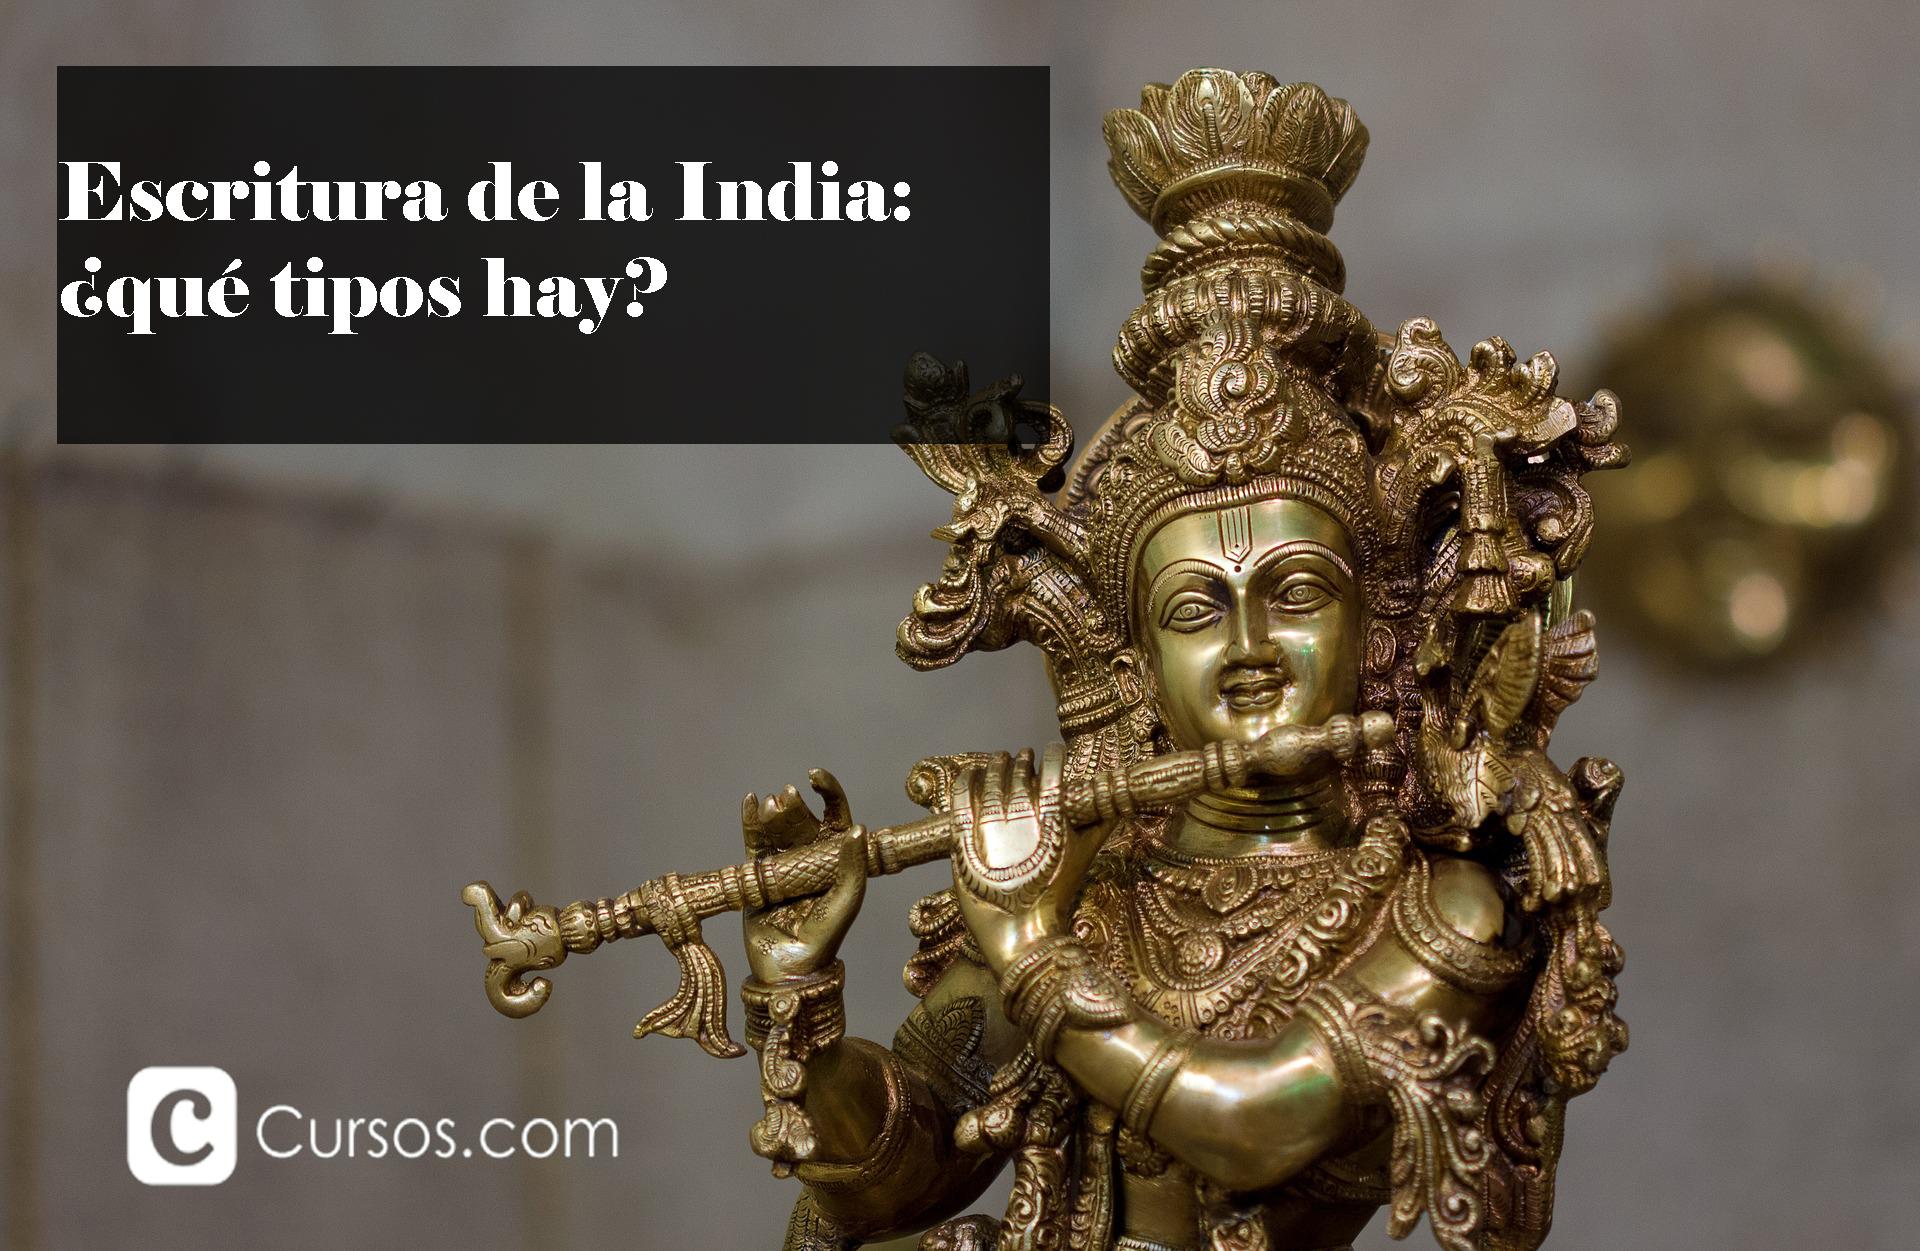 Escritura de la India